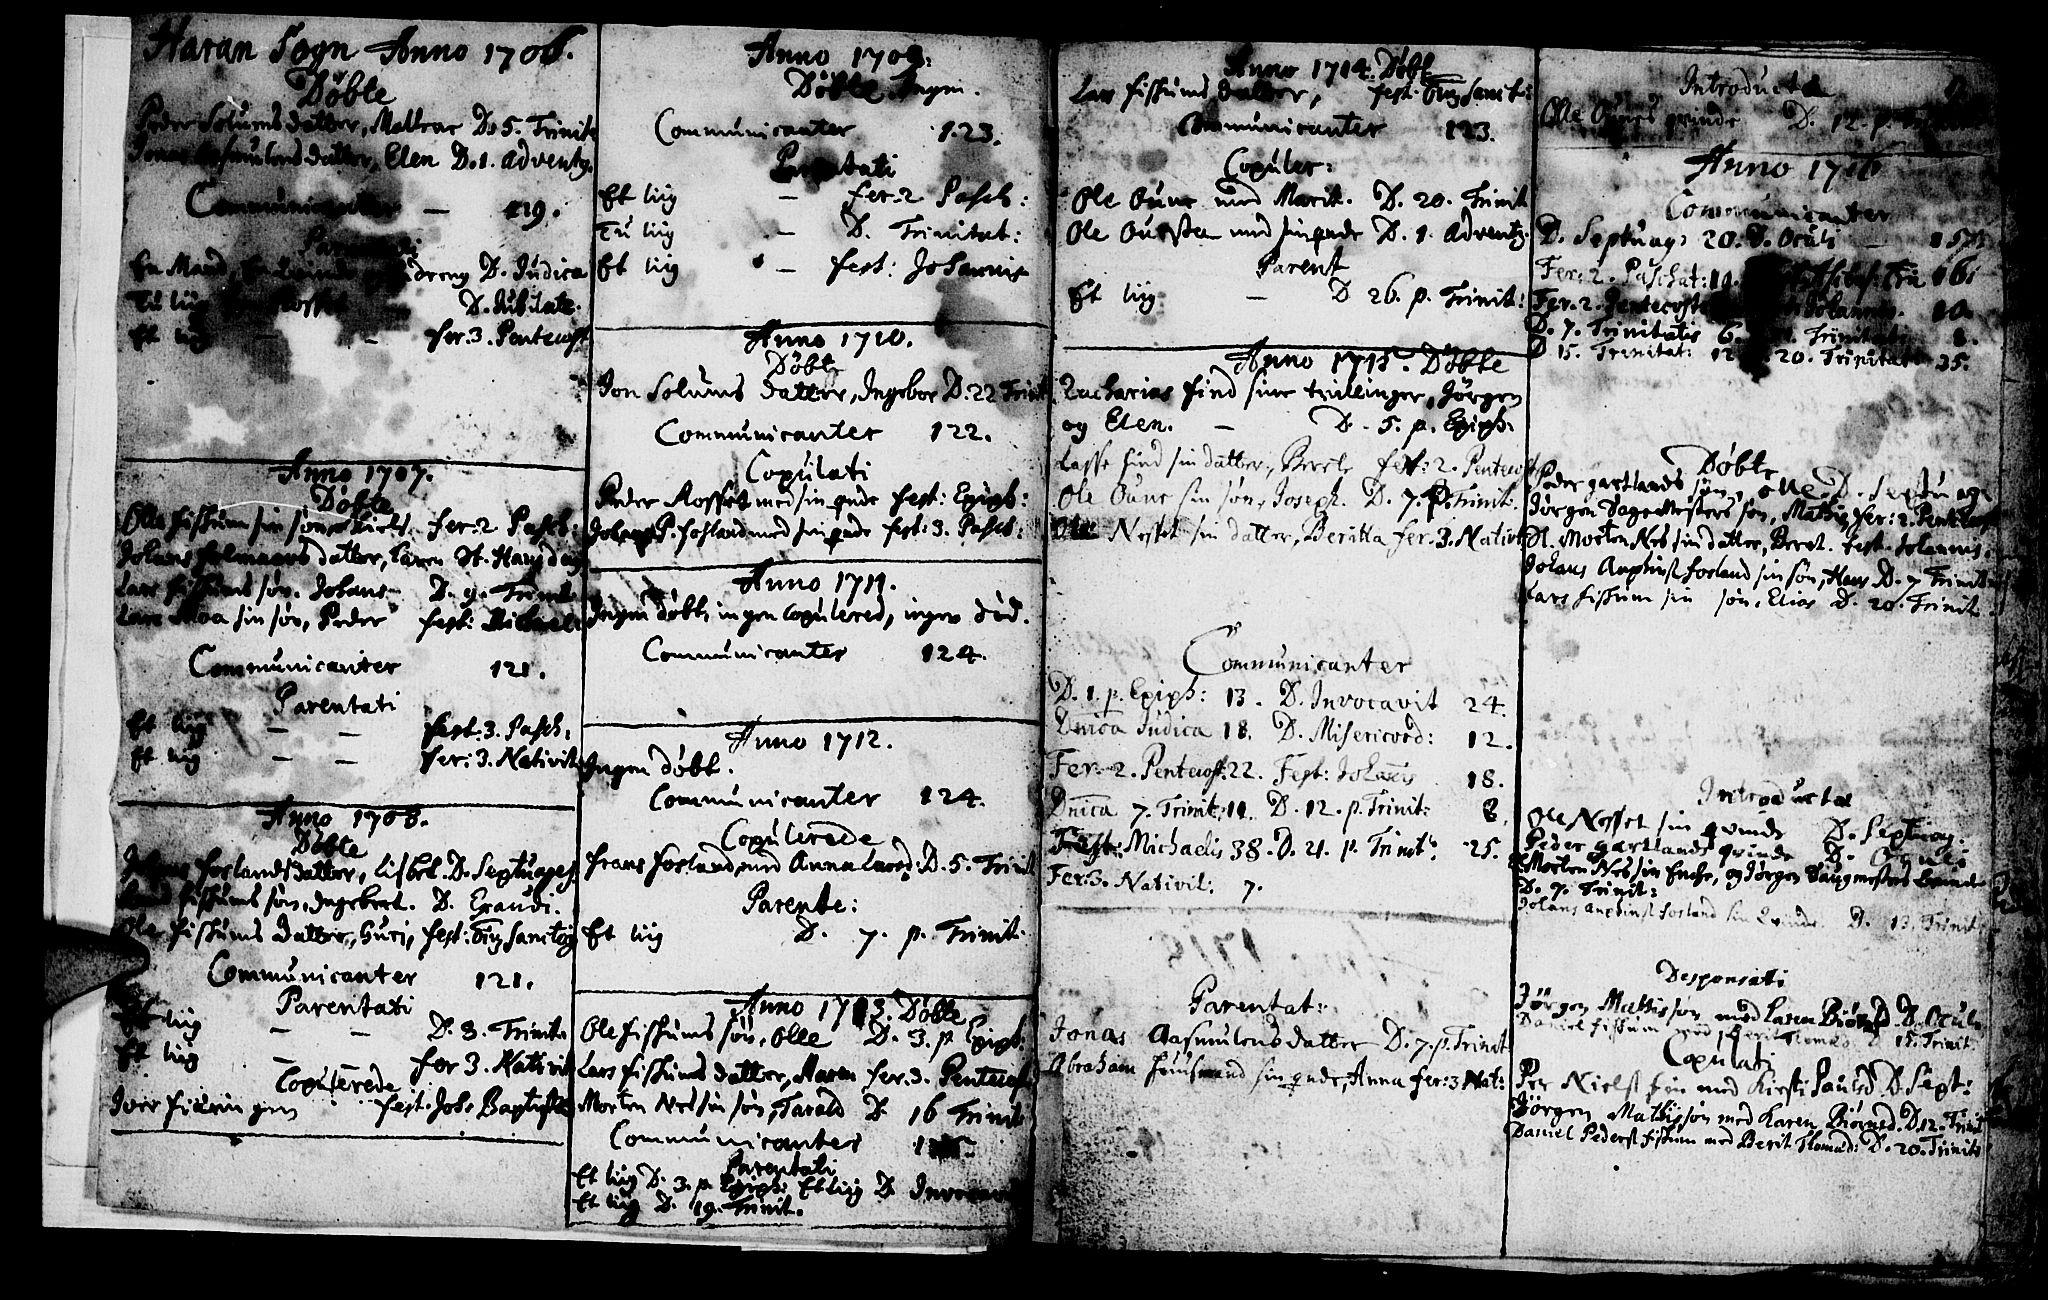 SAT, Ministerialprotokoller, klokkerbøker og fødselsregistre - Nord-Trøndelag, 759/L0525: Ministerialbok nr. 759A01, 1706-1748, s. 2